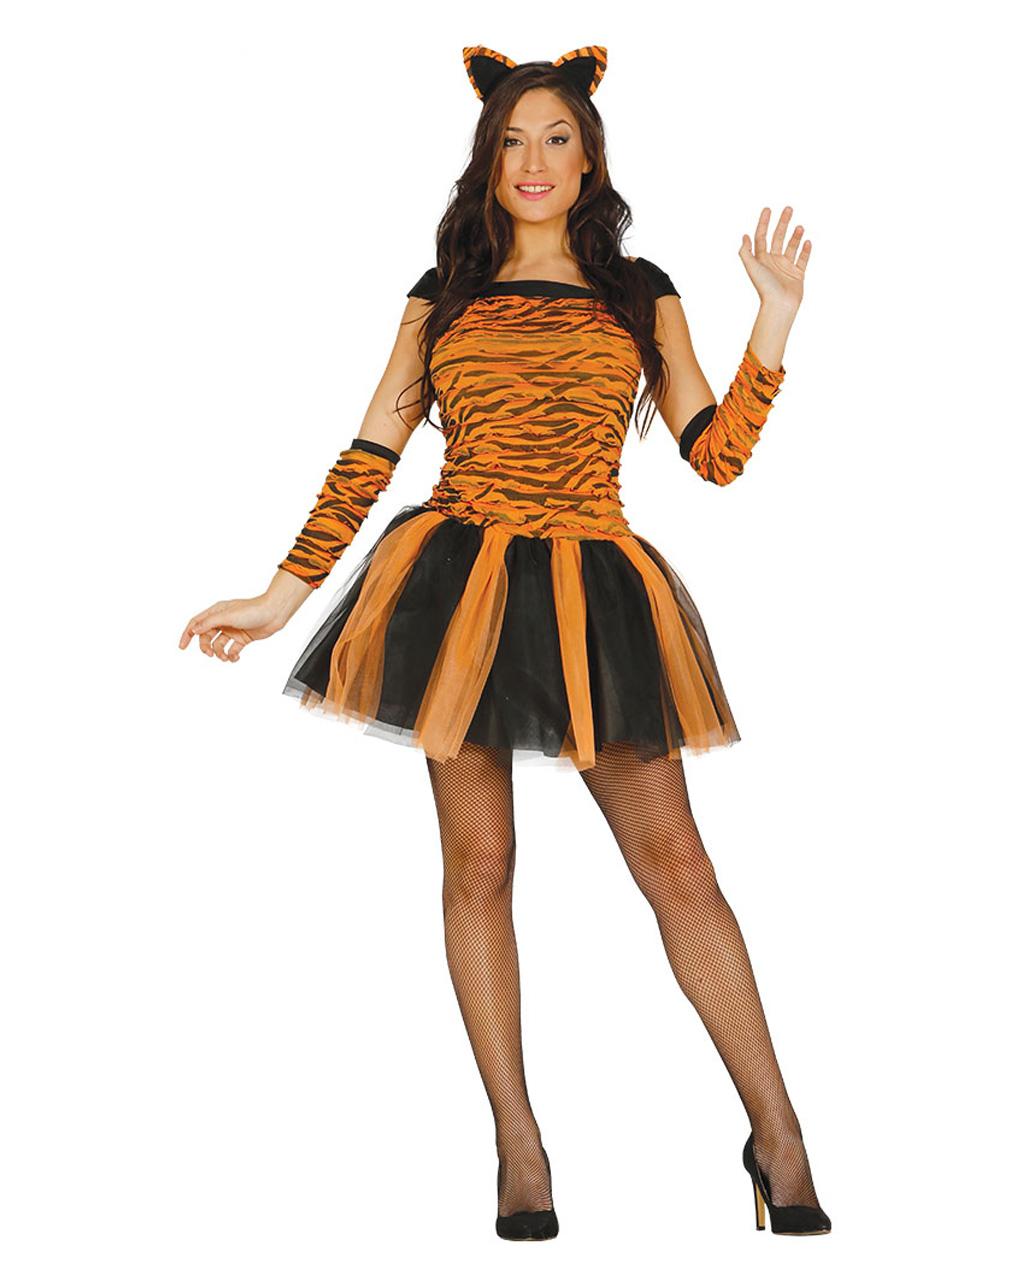 Tiger Lady Kostum Mit Zubehor Fur Fasching Kaufen Karneval Universe